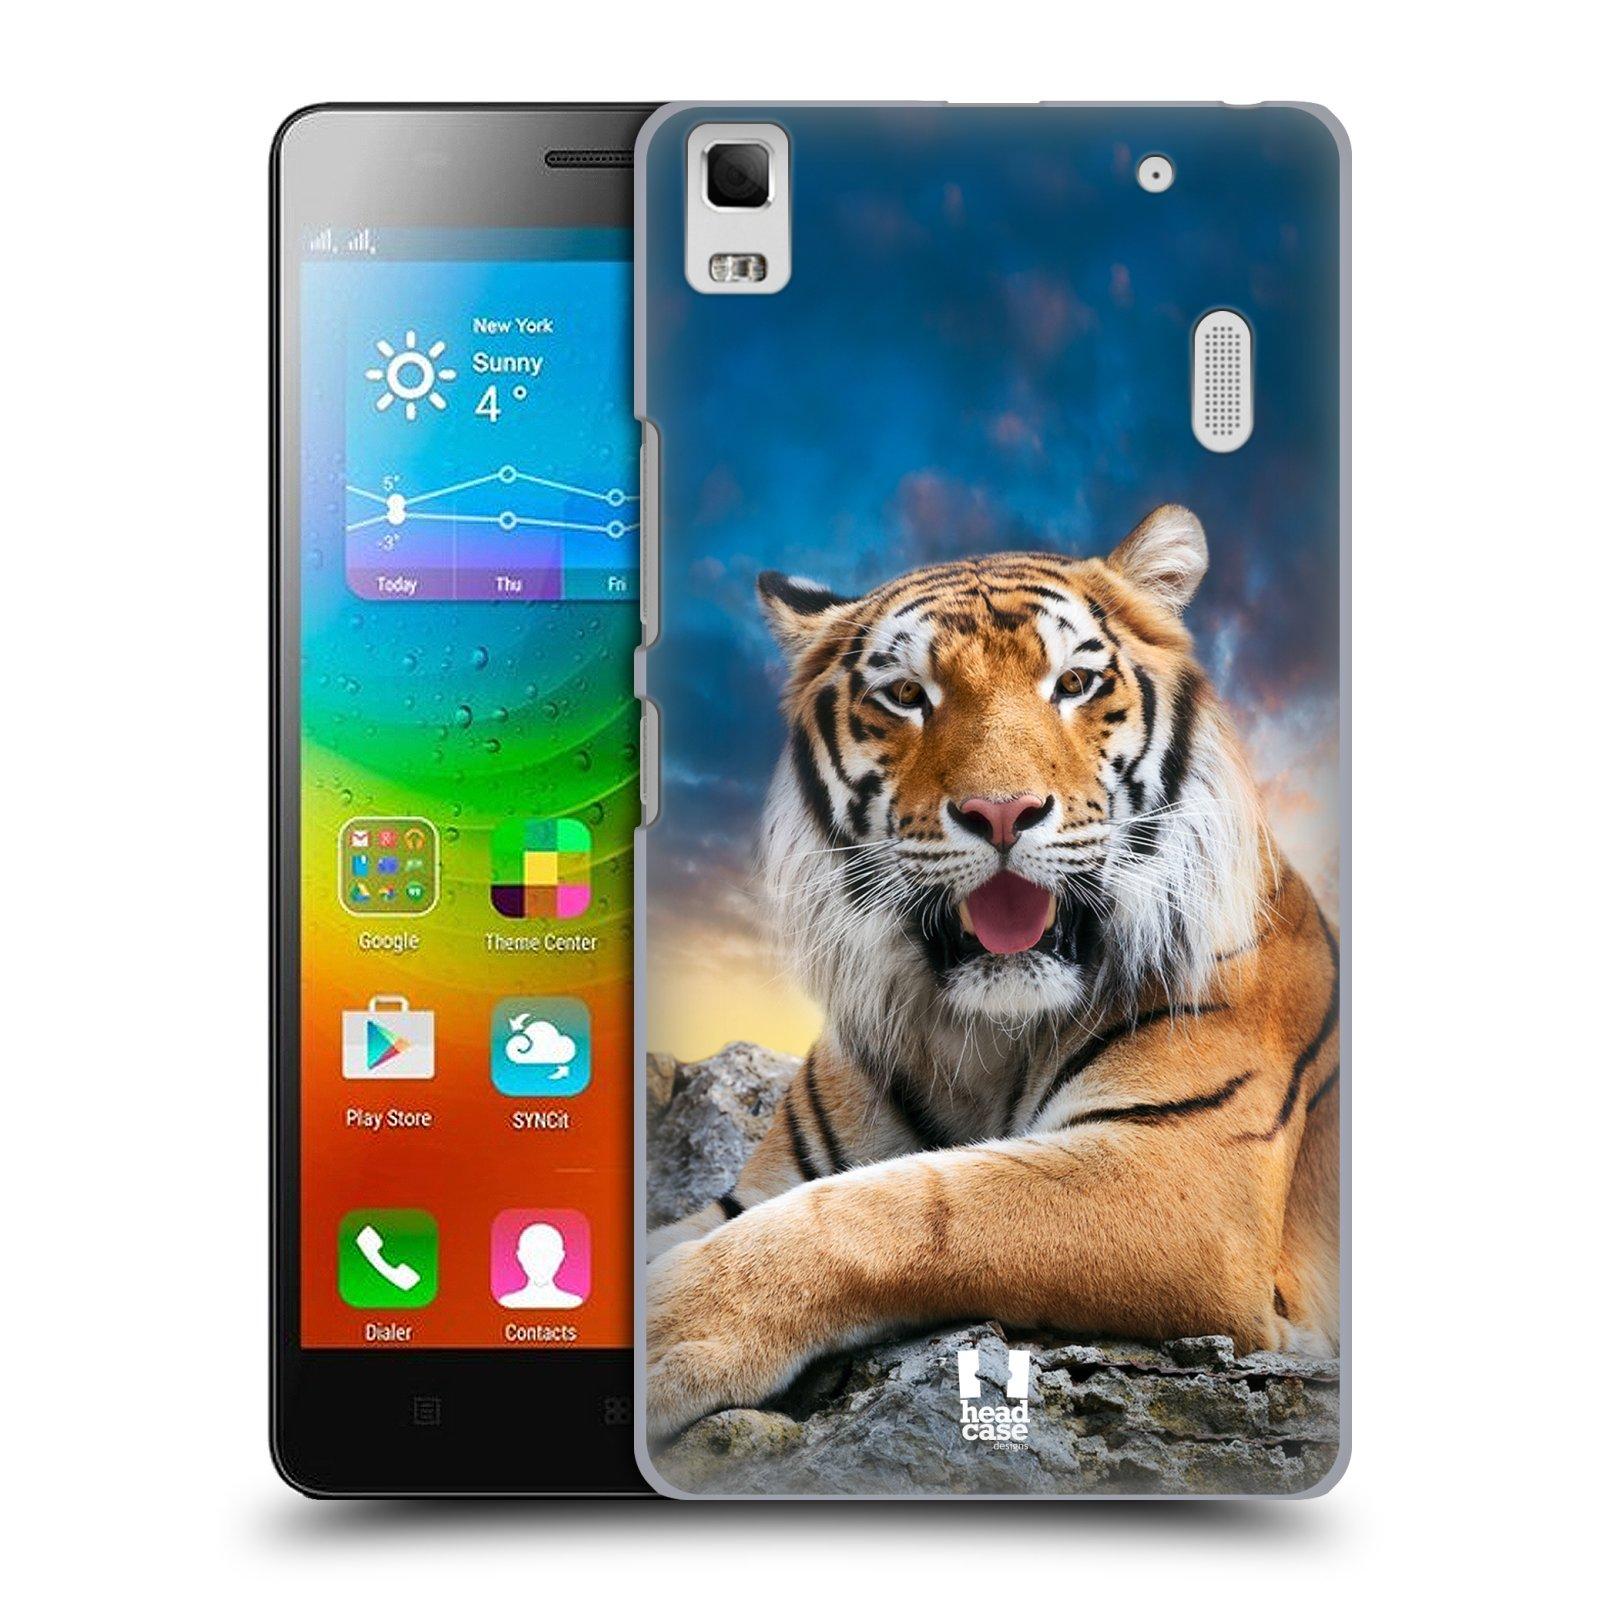 HEAD CASE pevný plastový obal na mobil LENOVO A7000 / A7000 DUAL / K3 NOTE vzor Divočina, Divoký život a zvířata foto TYGR A NEBE